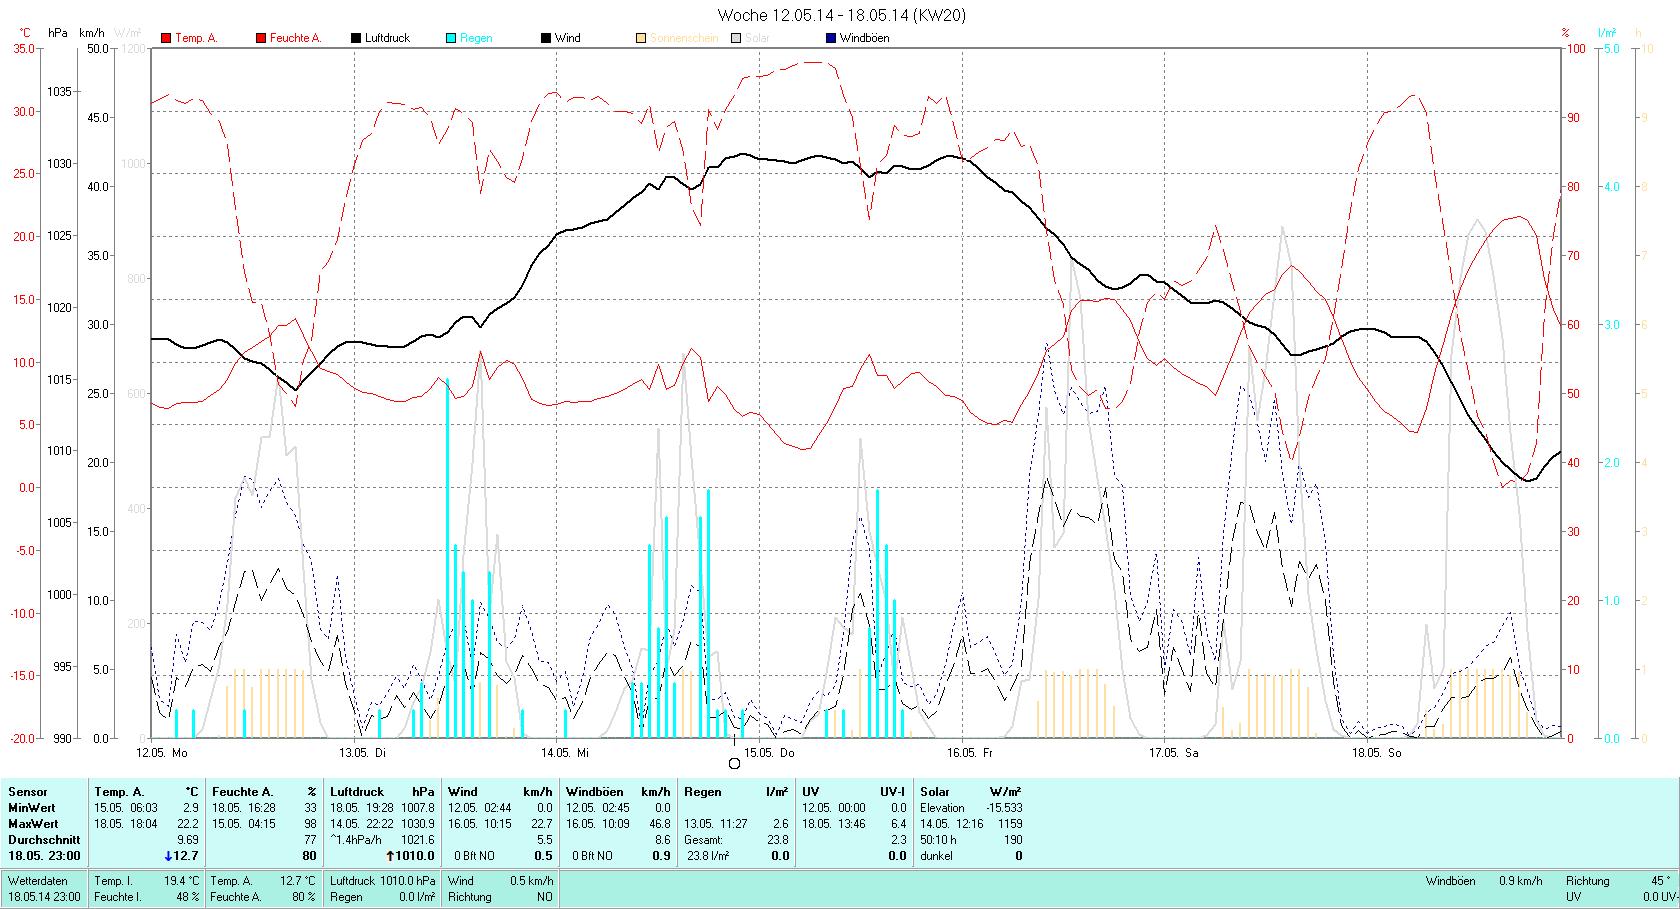 KW 20 Tmin  2.9°C, Tmax 22.2°C, Sonne 54:56h, Niederschlag 23.8mm/2